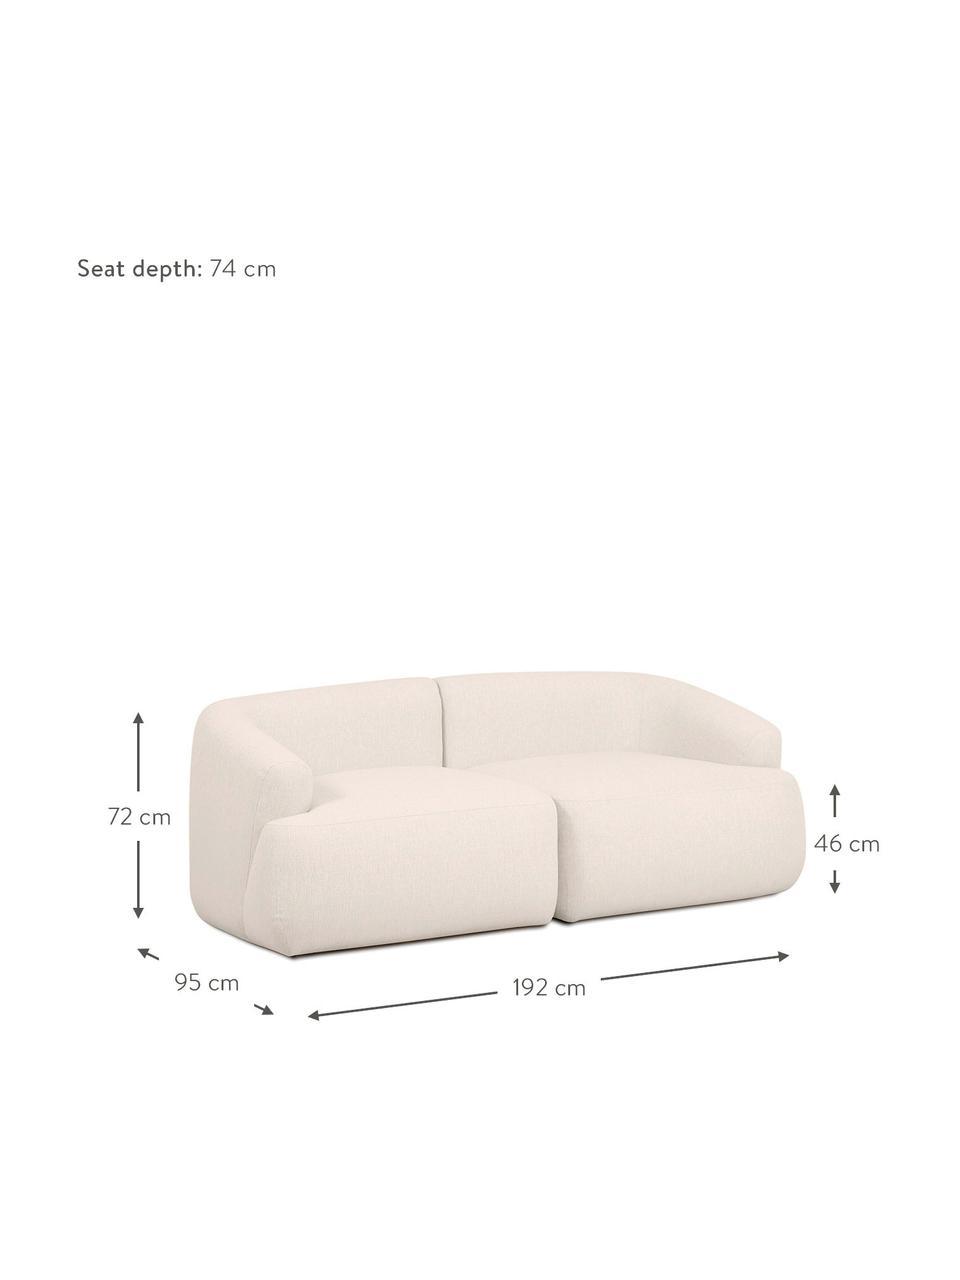 Modulaire bank Sofia (2-zits), beige, Bekleding: 100% polypropyleen. Marti, Frame: massief grenenhout, spaan, Poten: kunststof, Geweven stof beige, 192 x 95 cm